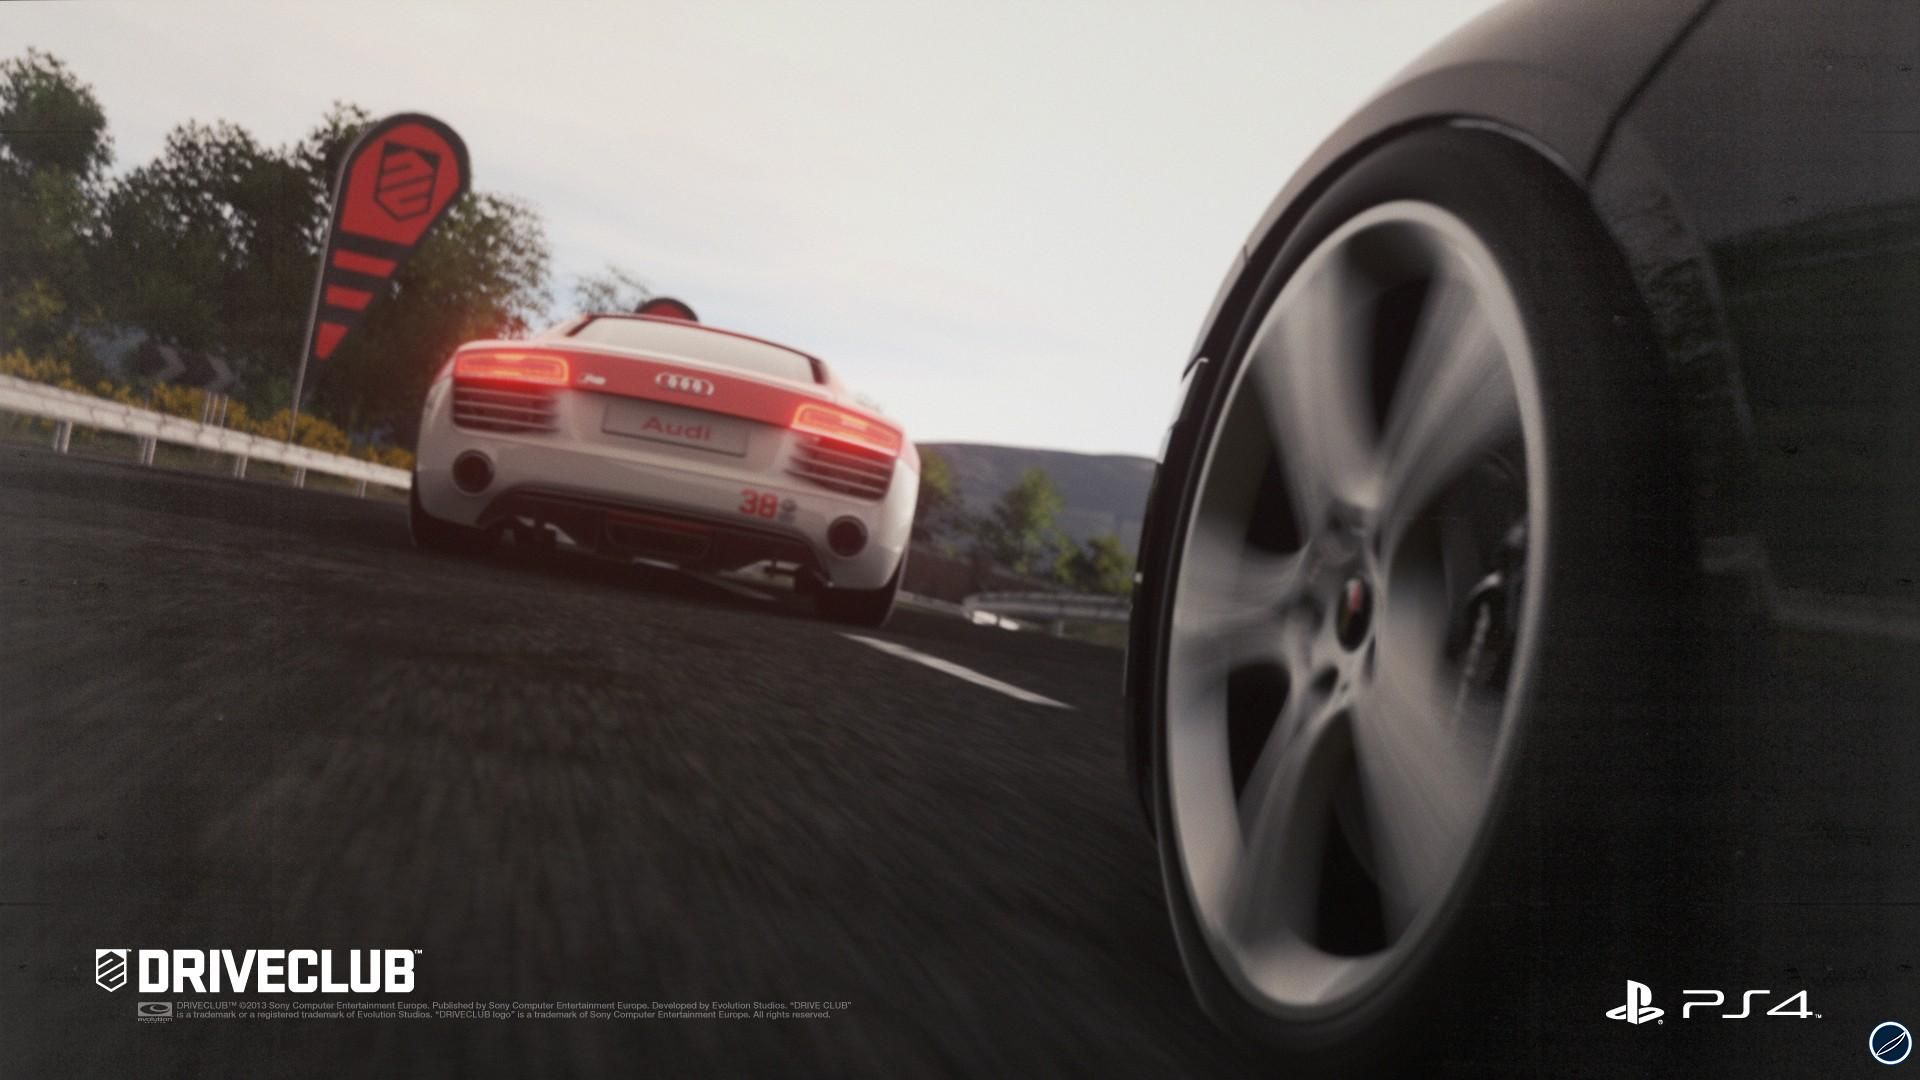 driveclub_PS4_w_9086.jpg